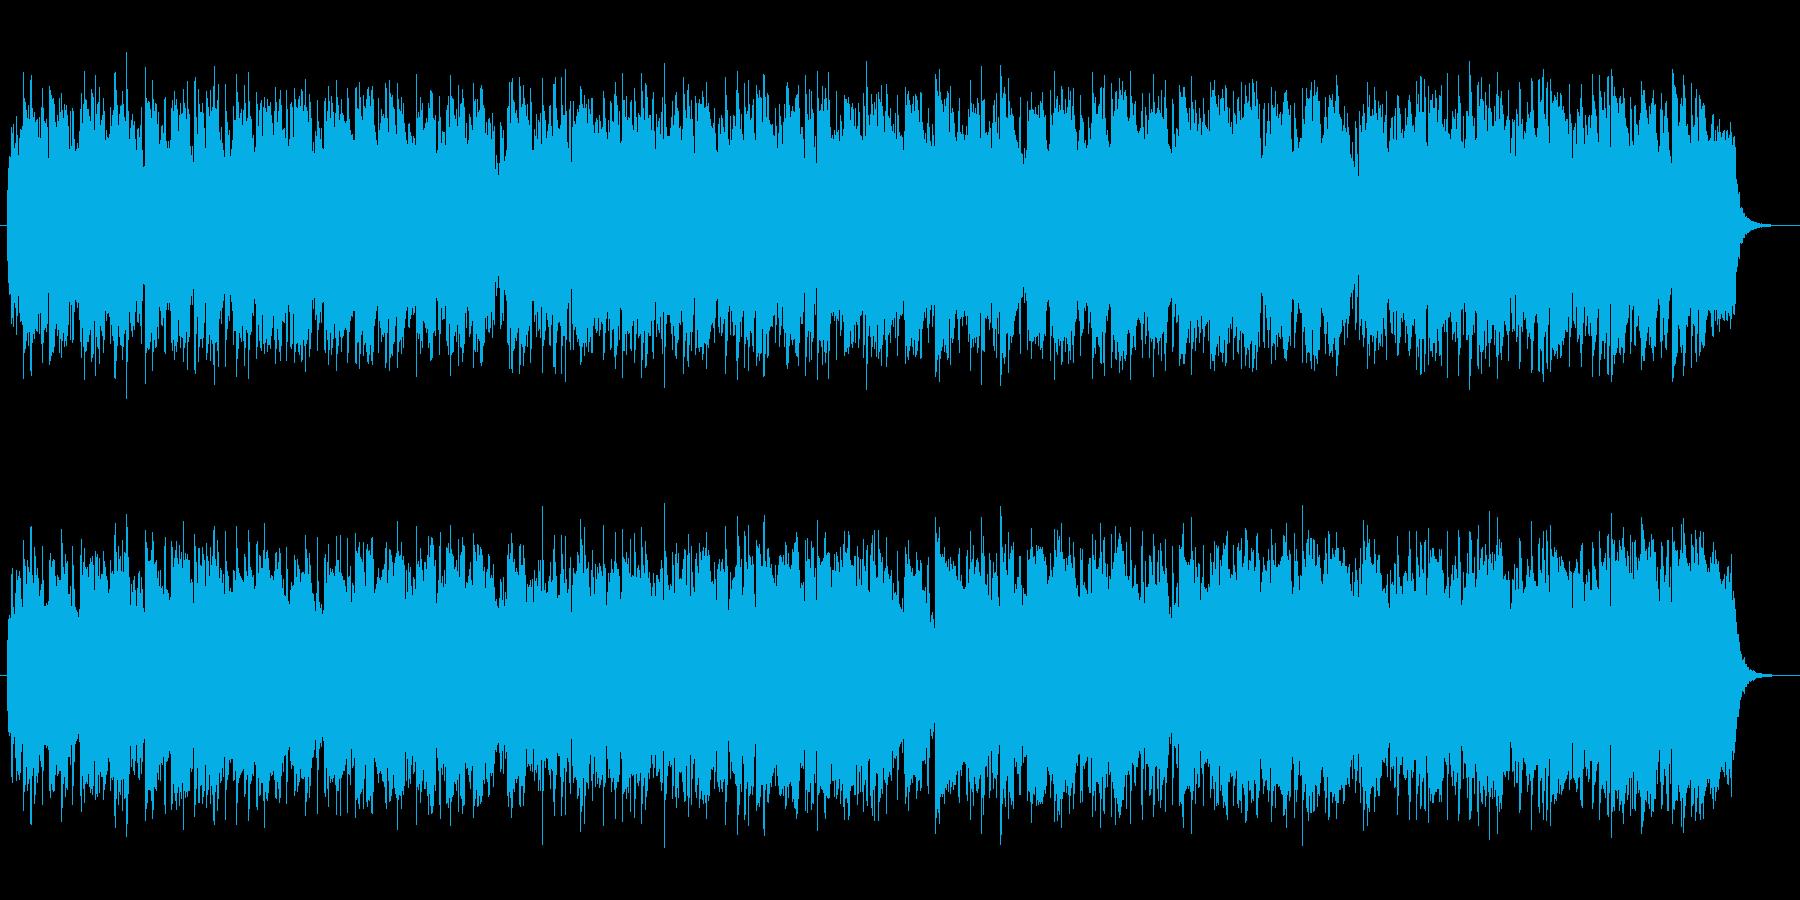 メランコリックな懐かしいゆっくりした曲の再生済みの波形